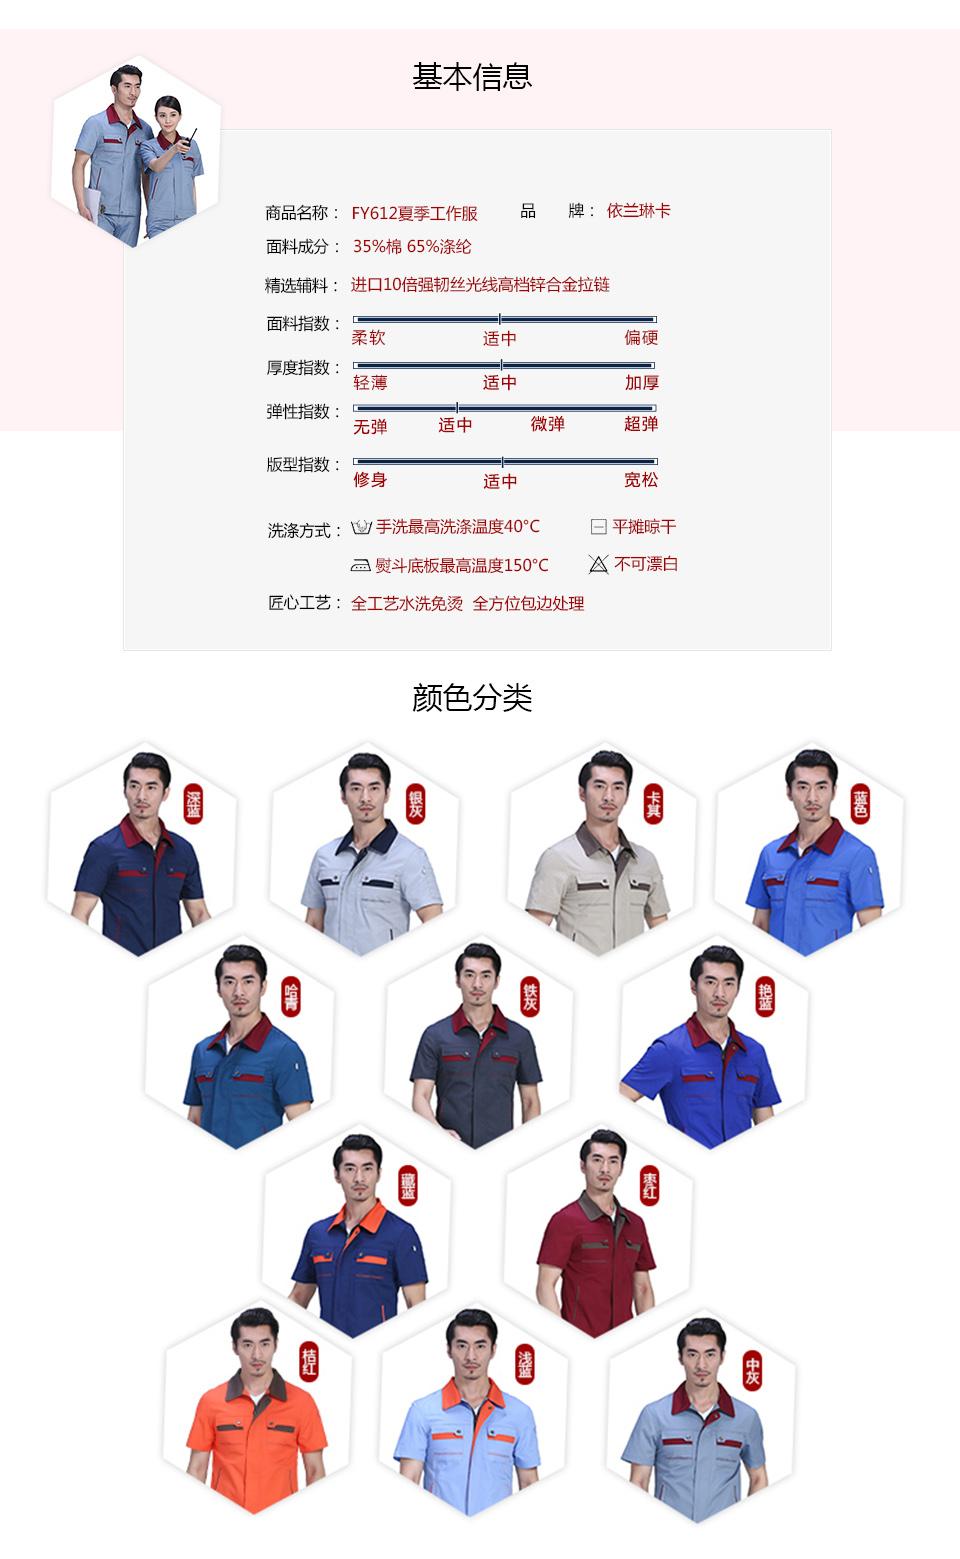 藏蓝色夏季涤棉斜纹休闲亚博体育官方平台裤